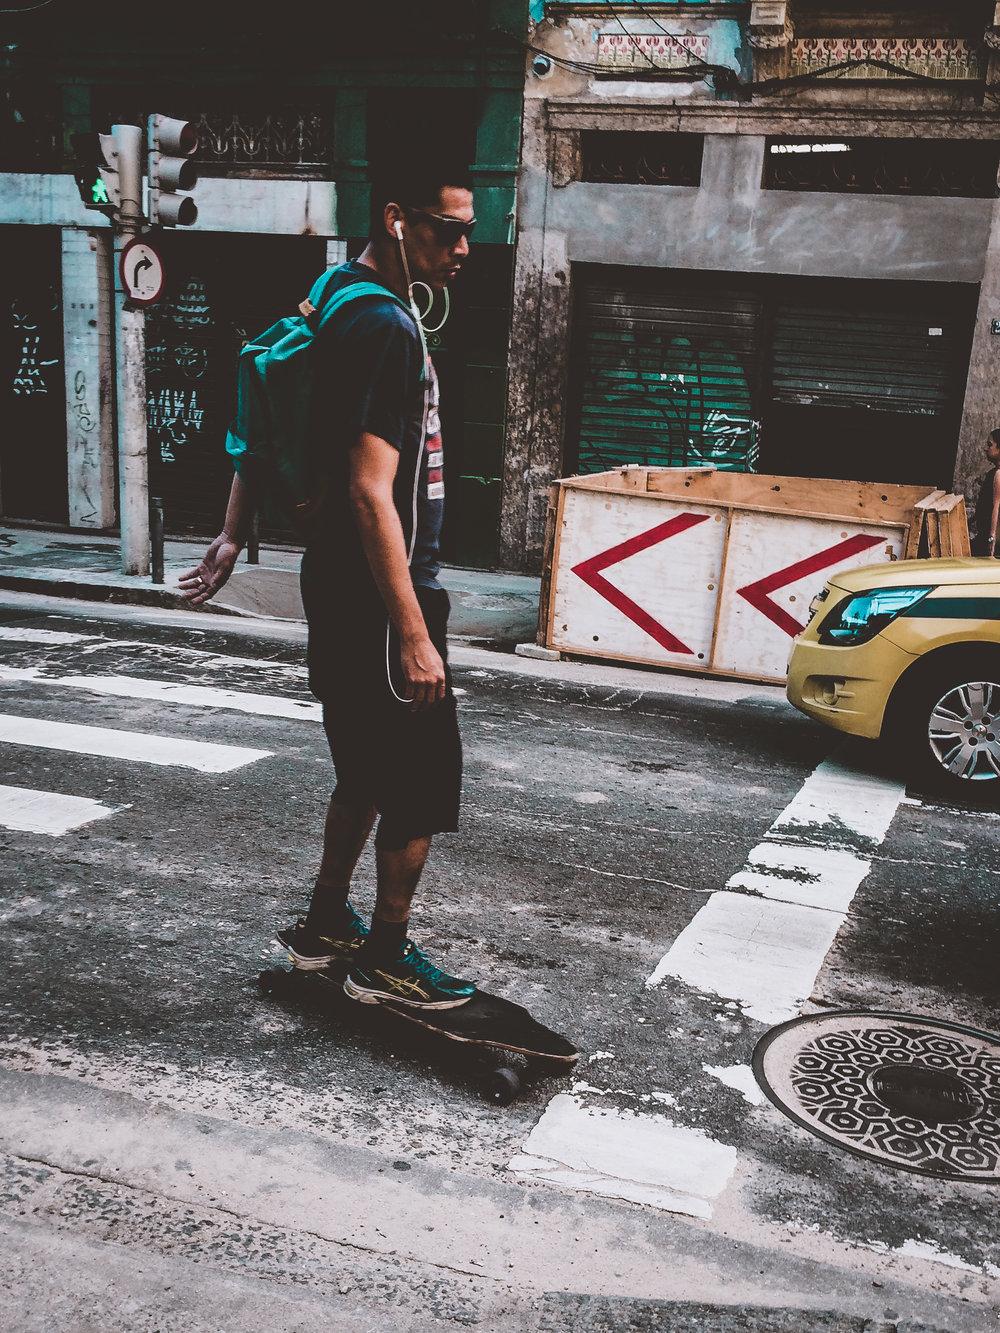 / Slide the city